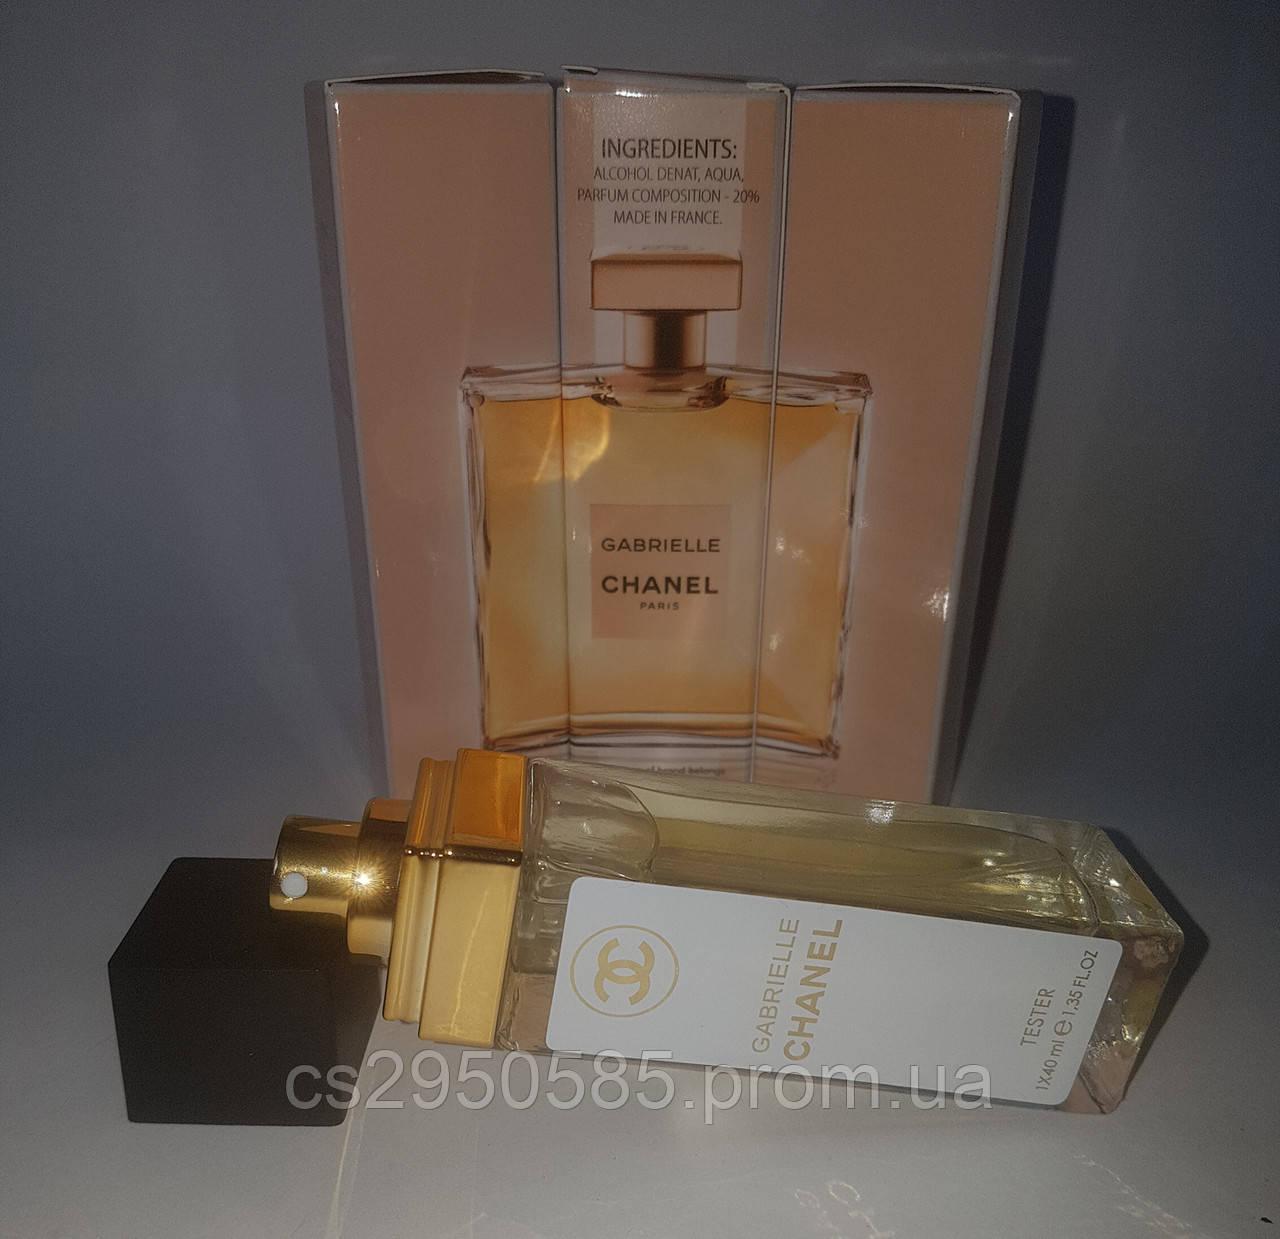 мини парфюм Chanel Gabrielle 40 мл реплика продажа цена в киеве